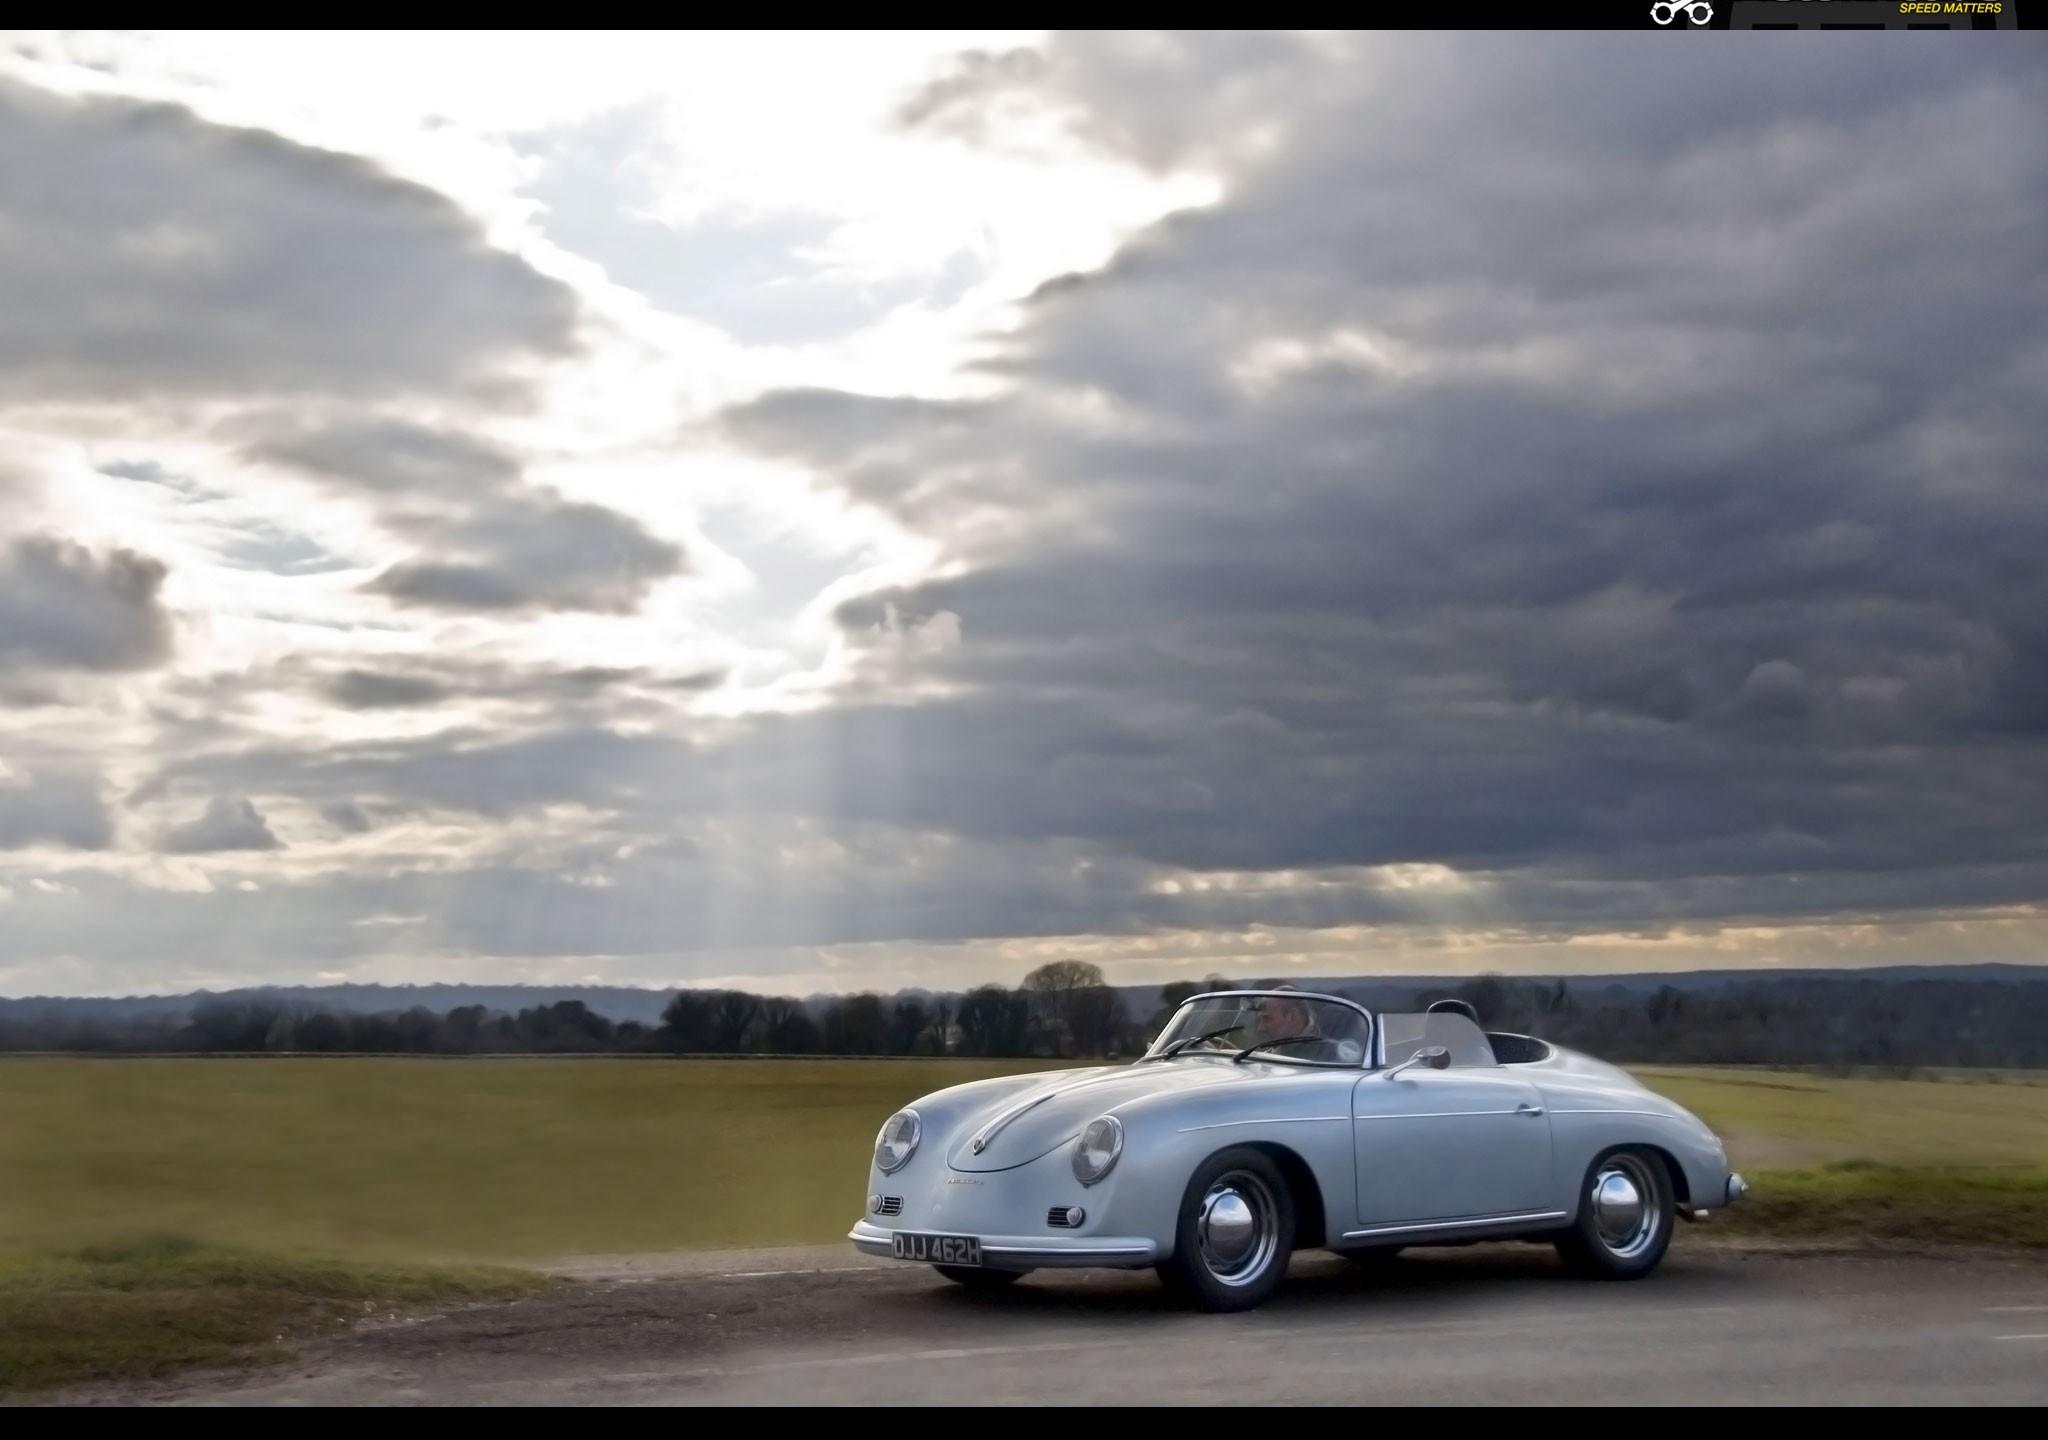 Porsche 356 Wallpaper 2 2048x1440 2048x1440